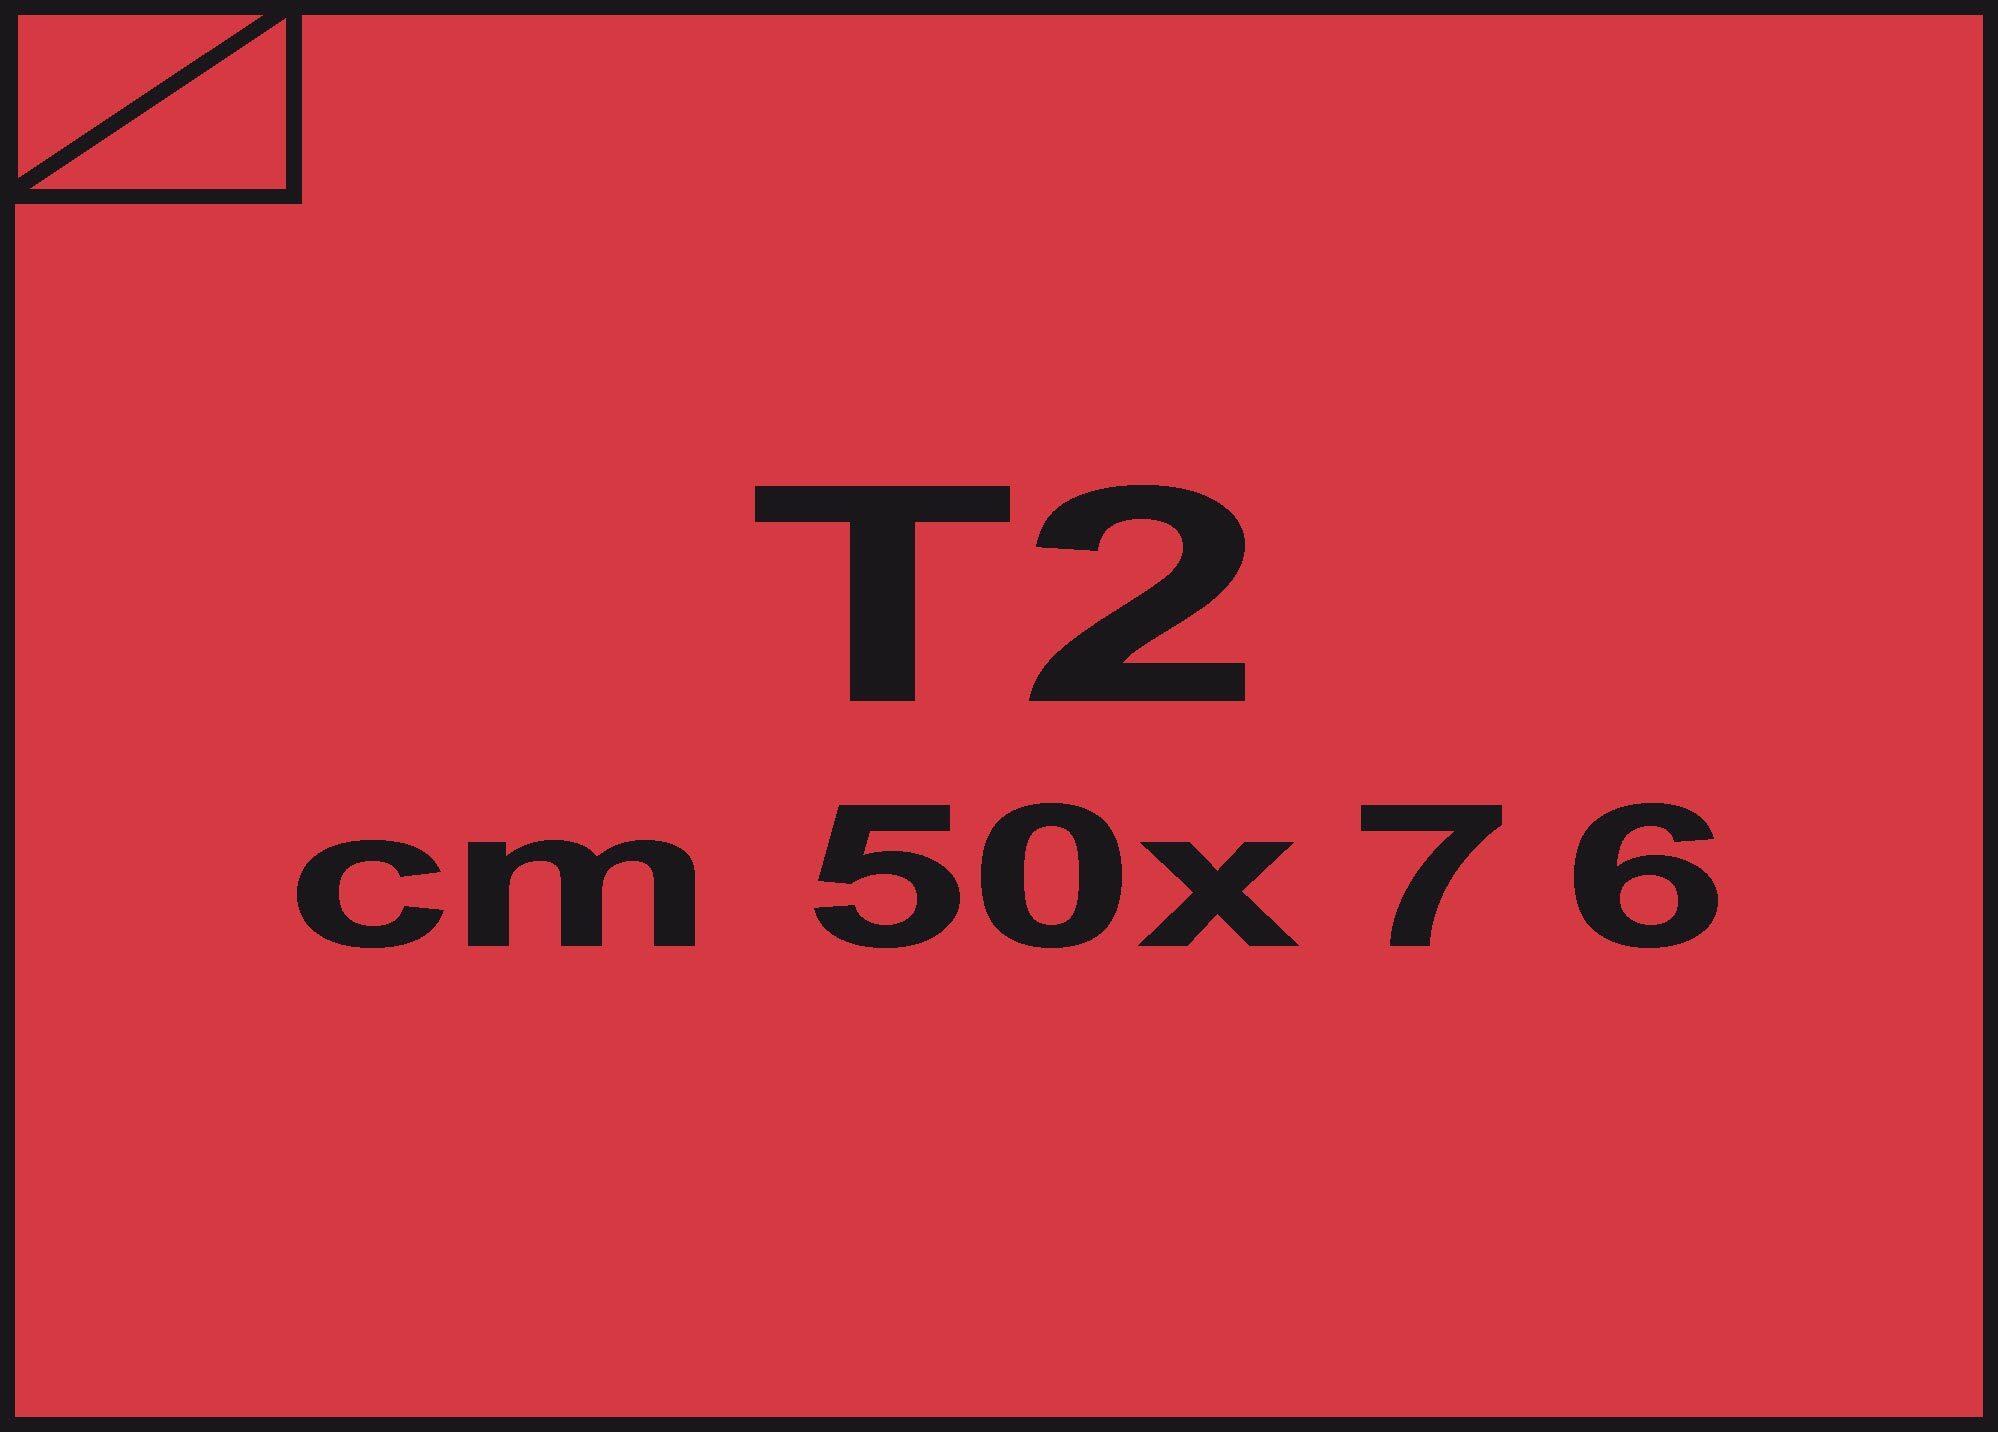 carta Carta velina Rosso 90, formato T2 (50x76cm), 18grammi x mq.